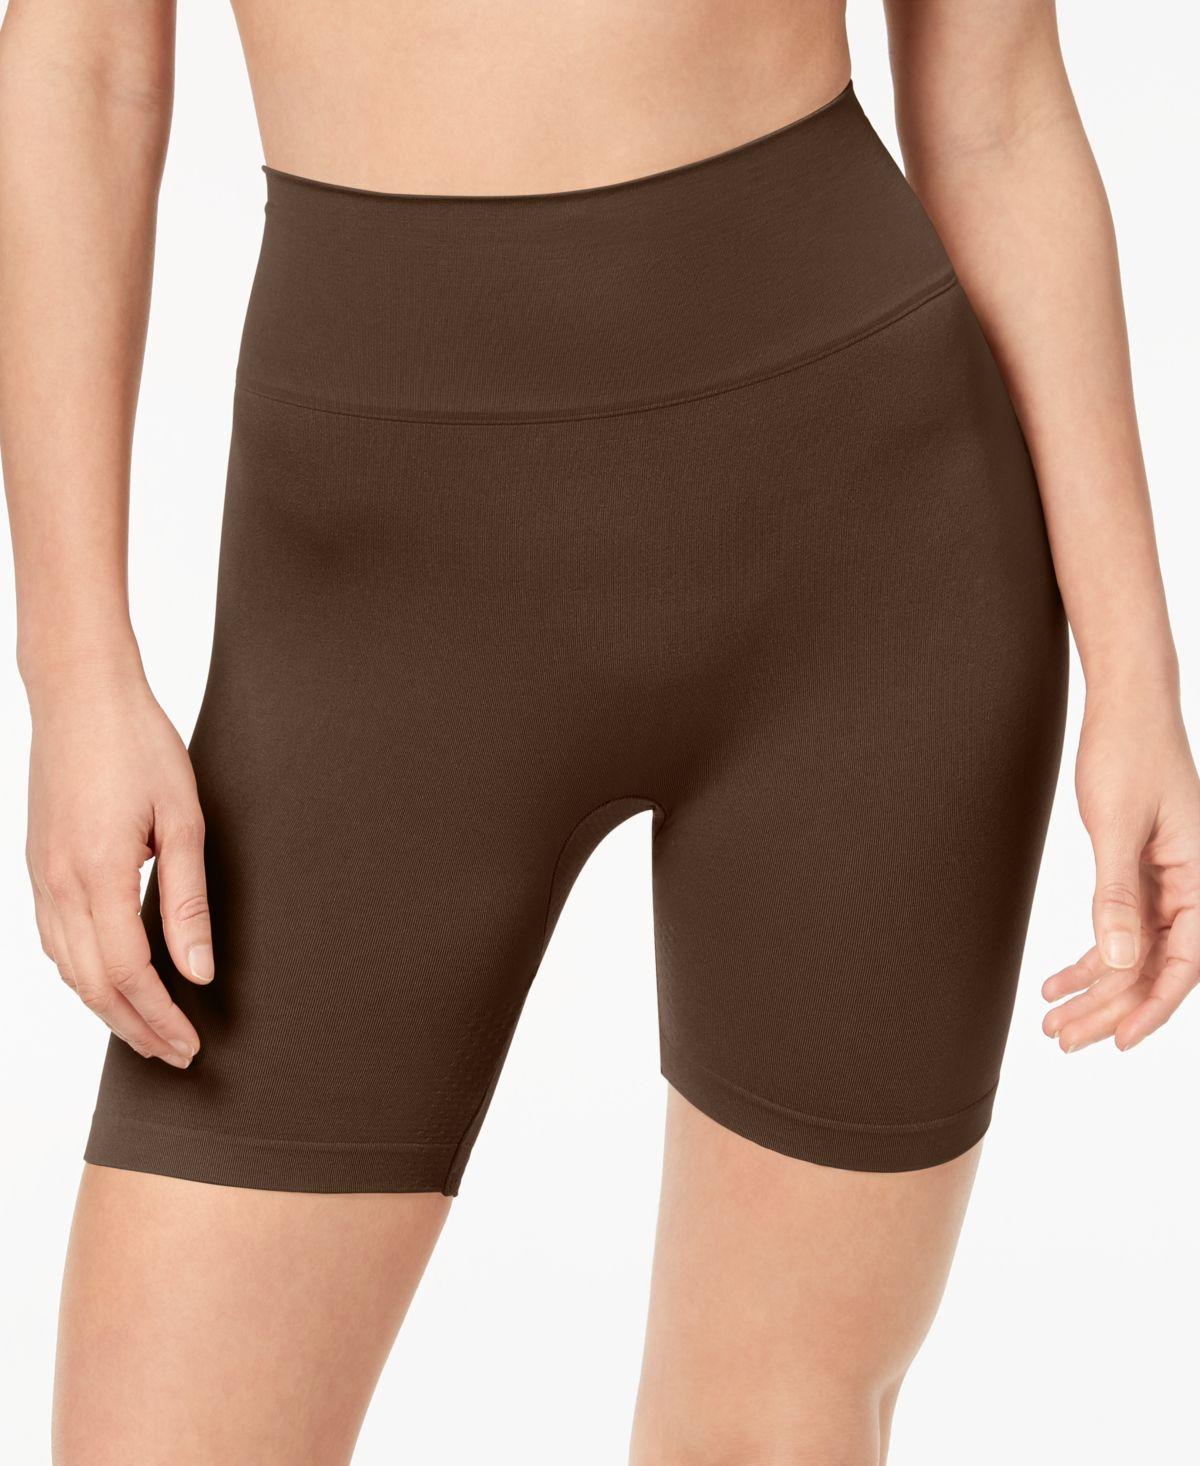 Tc Shapewear Firm Control Hi-waist Thigh Slimmer In Black